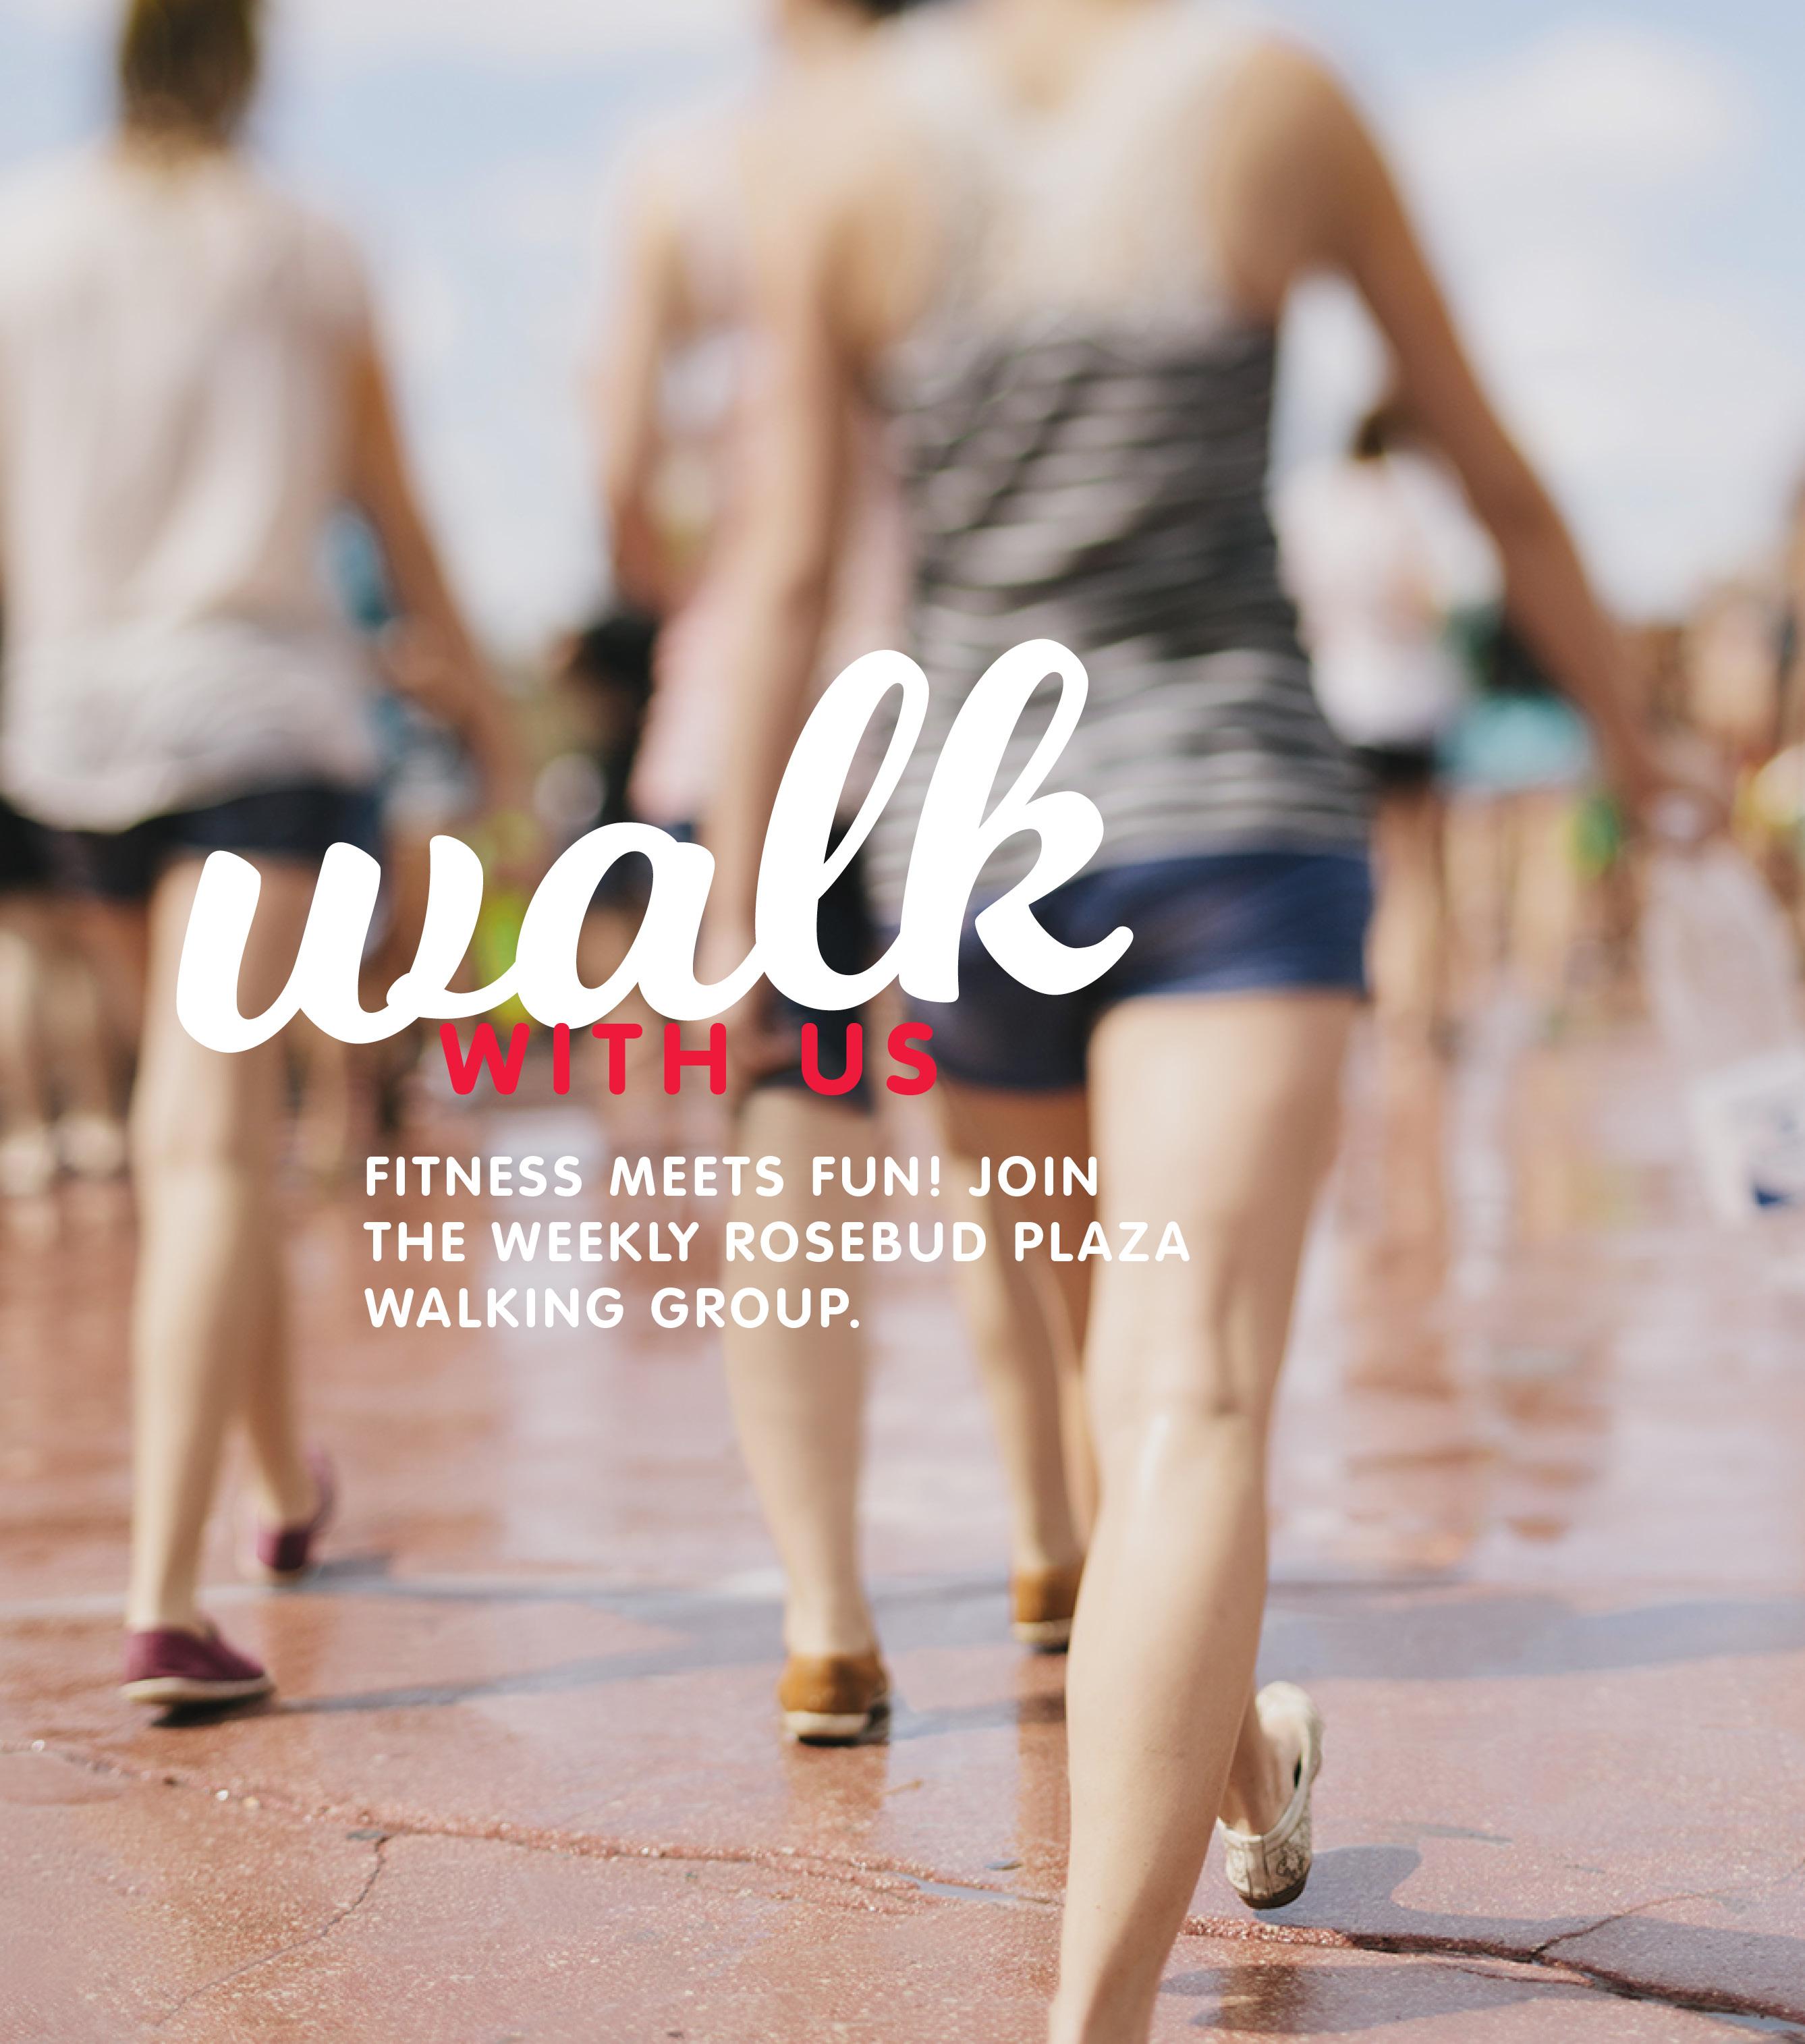 RB_Web Content-642x727-@2x_Walk